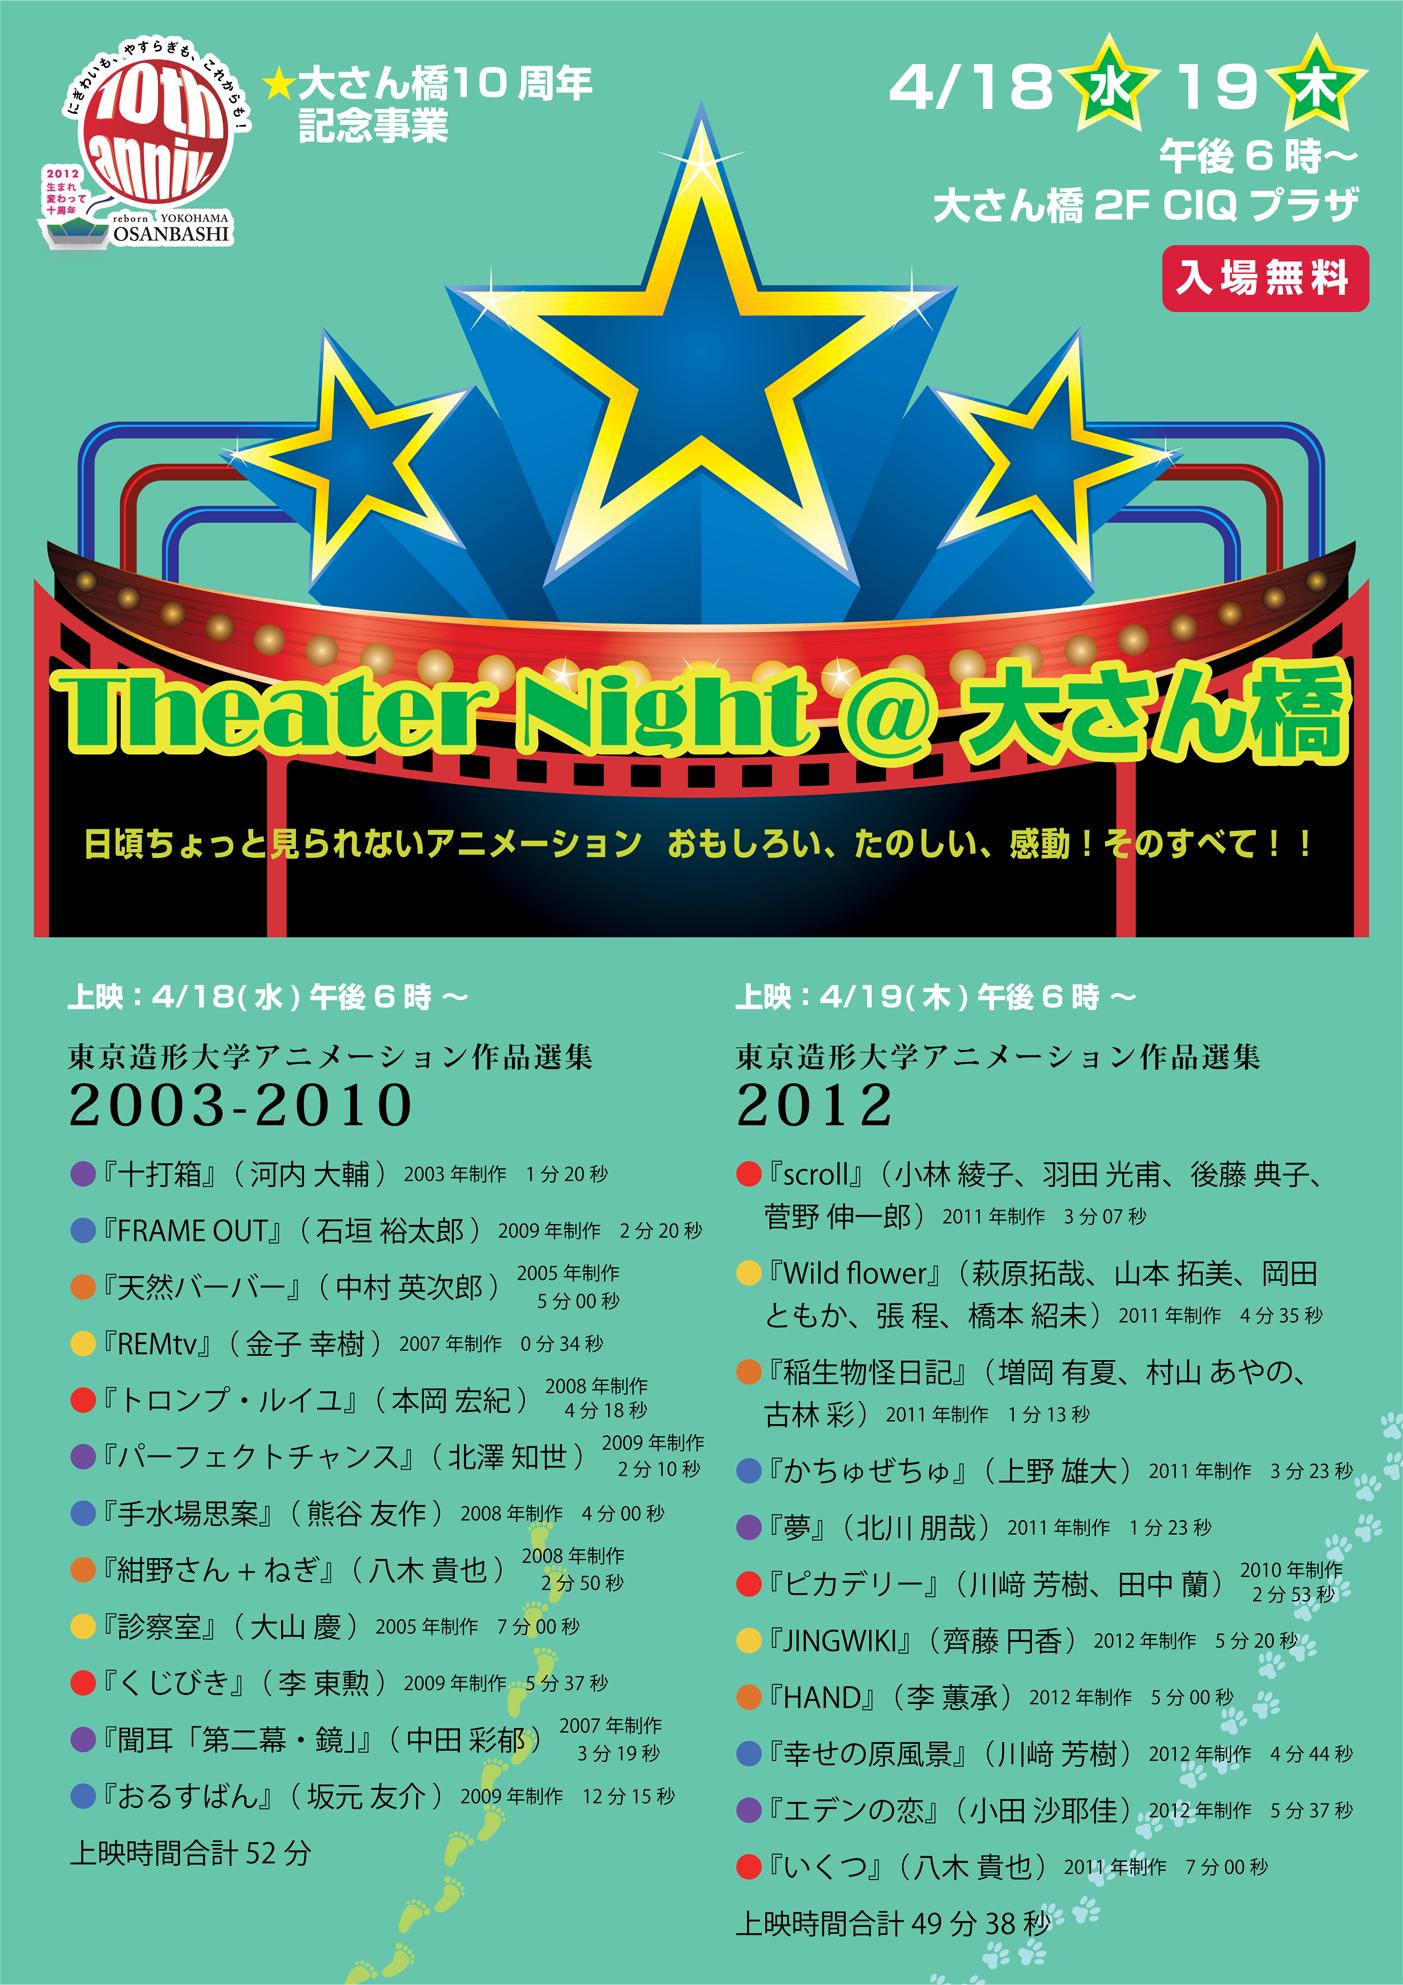 TheaterNight@大桟橋